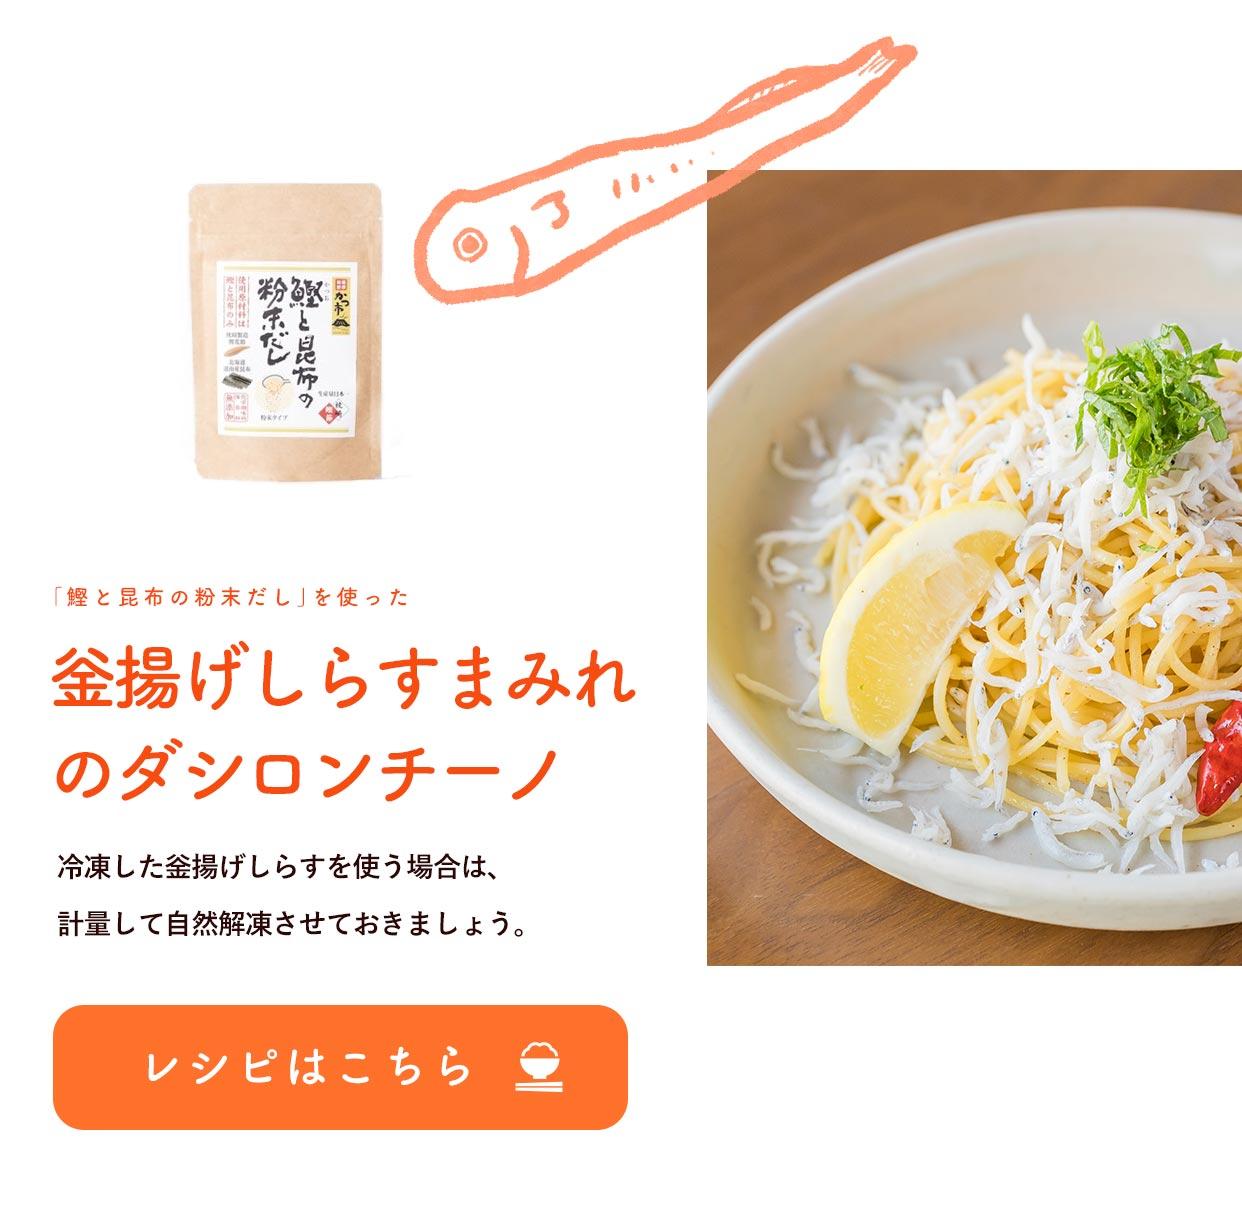 釡揚げしらすまみれのダシロンチーノのレシピ